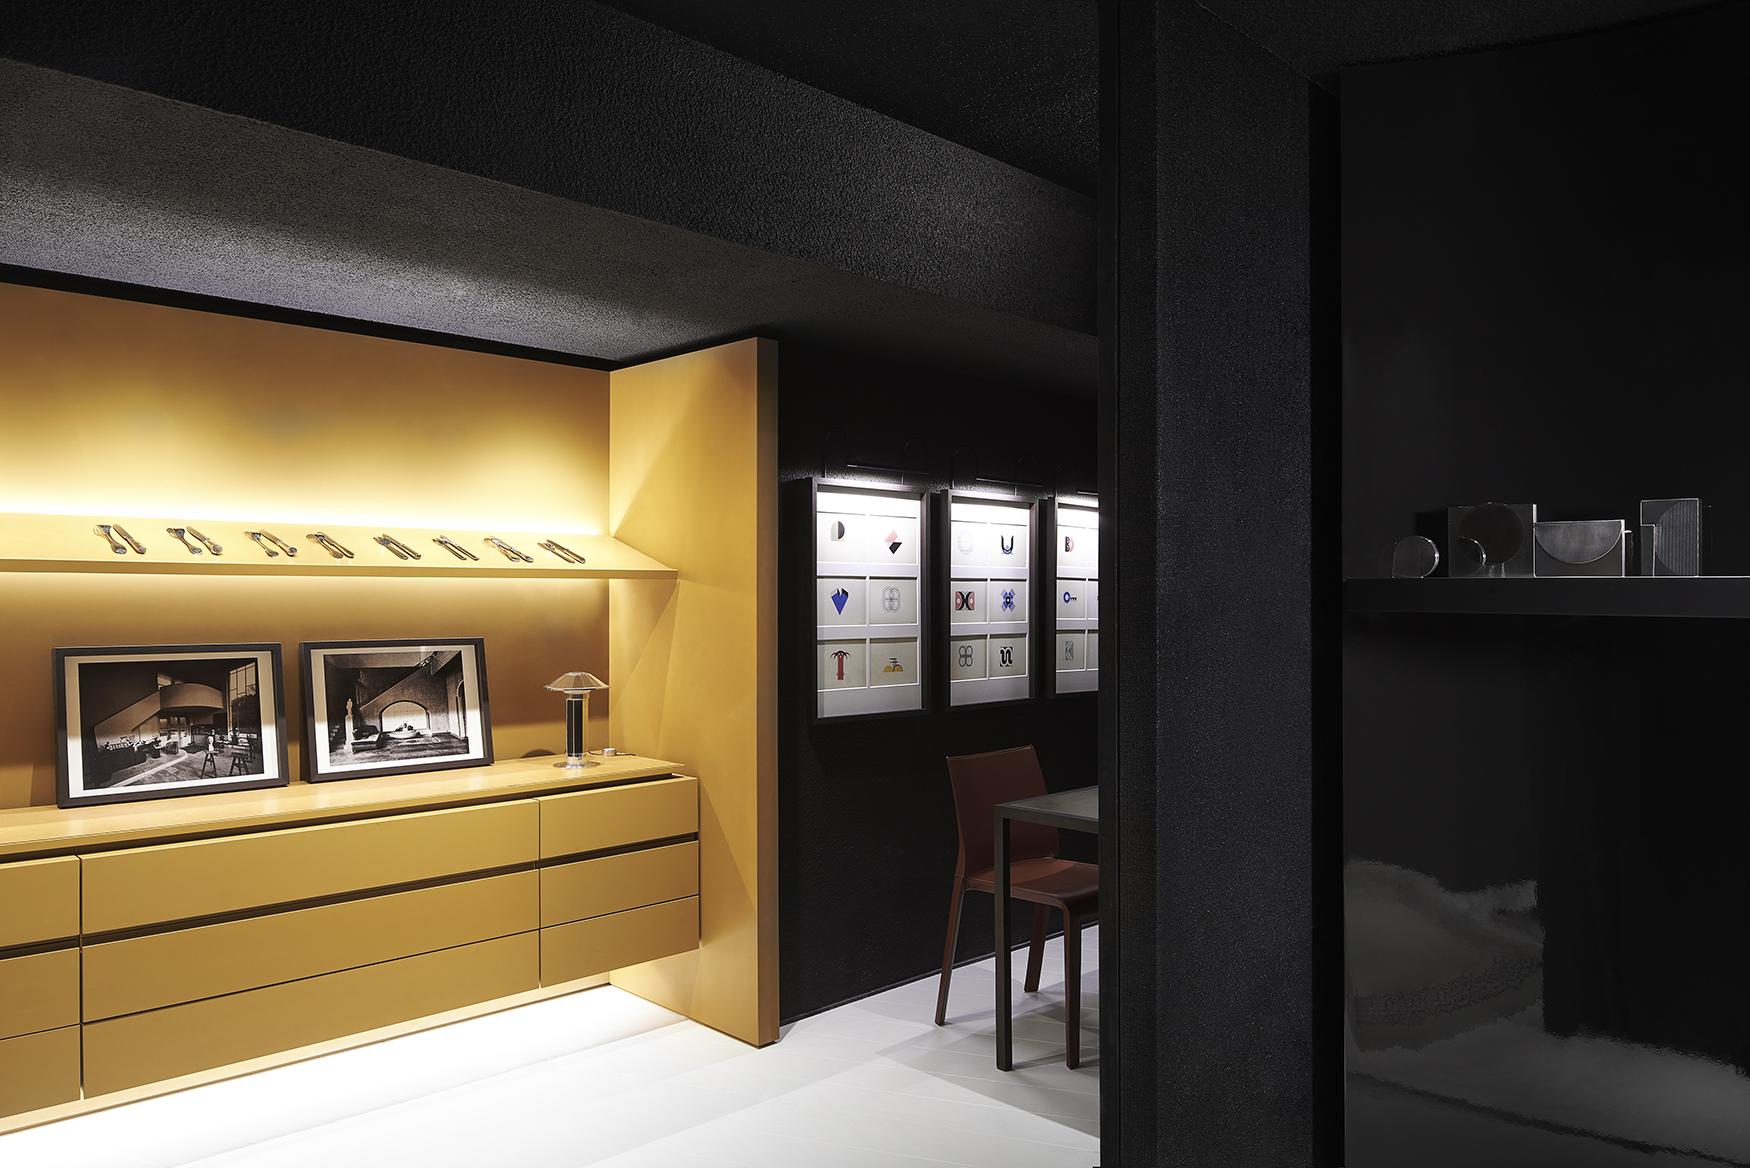 sandrine sarah faivre-architecture-interieure-Puiforcat-tristan-auer-2016-05